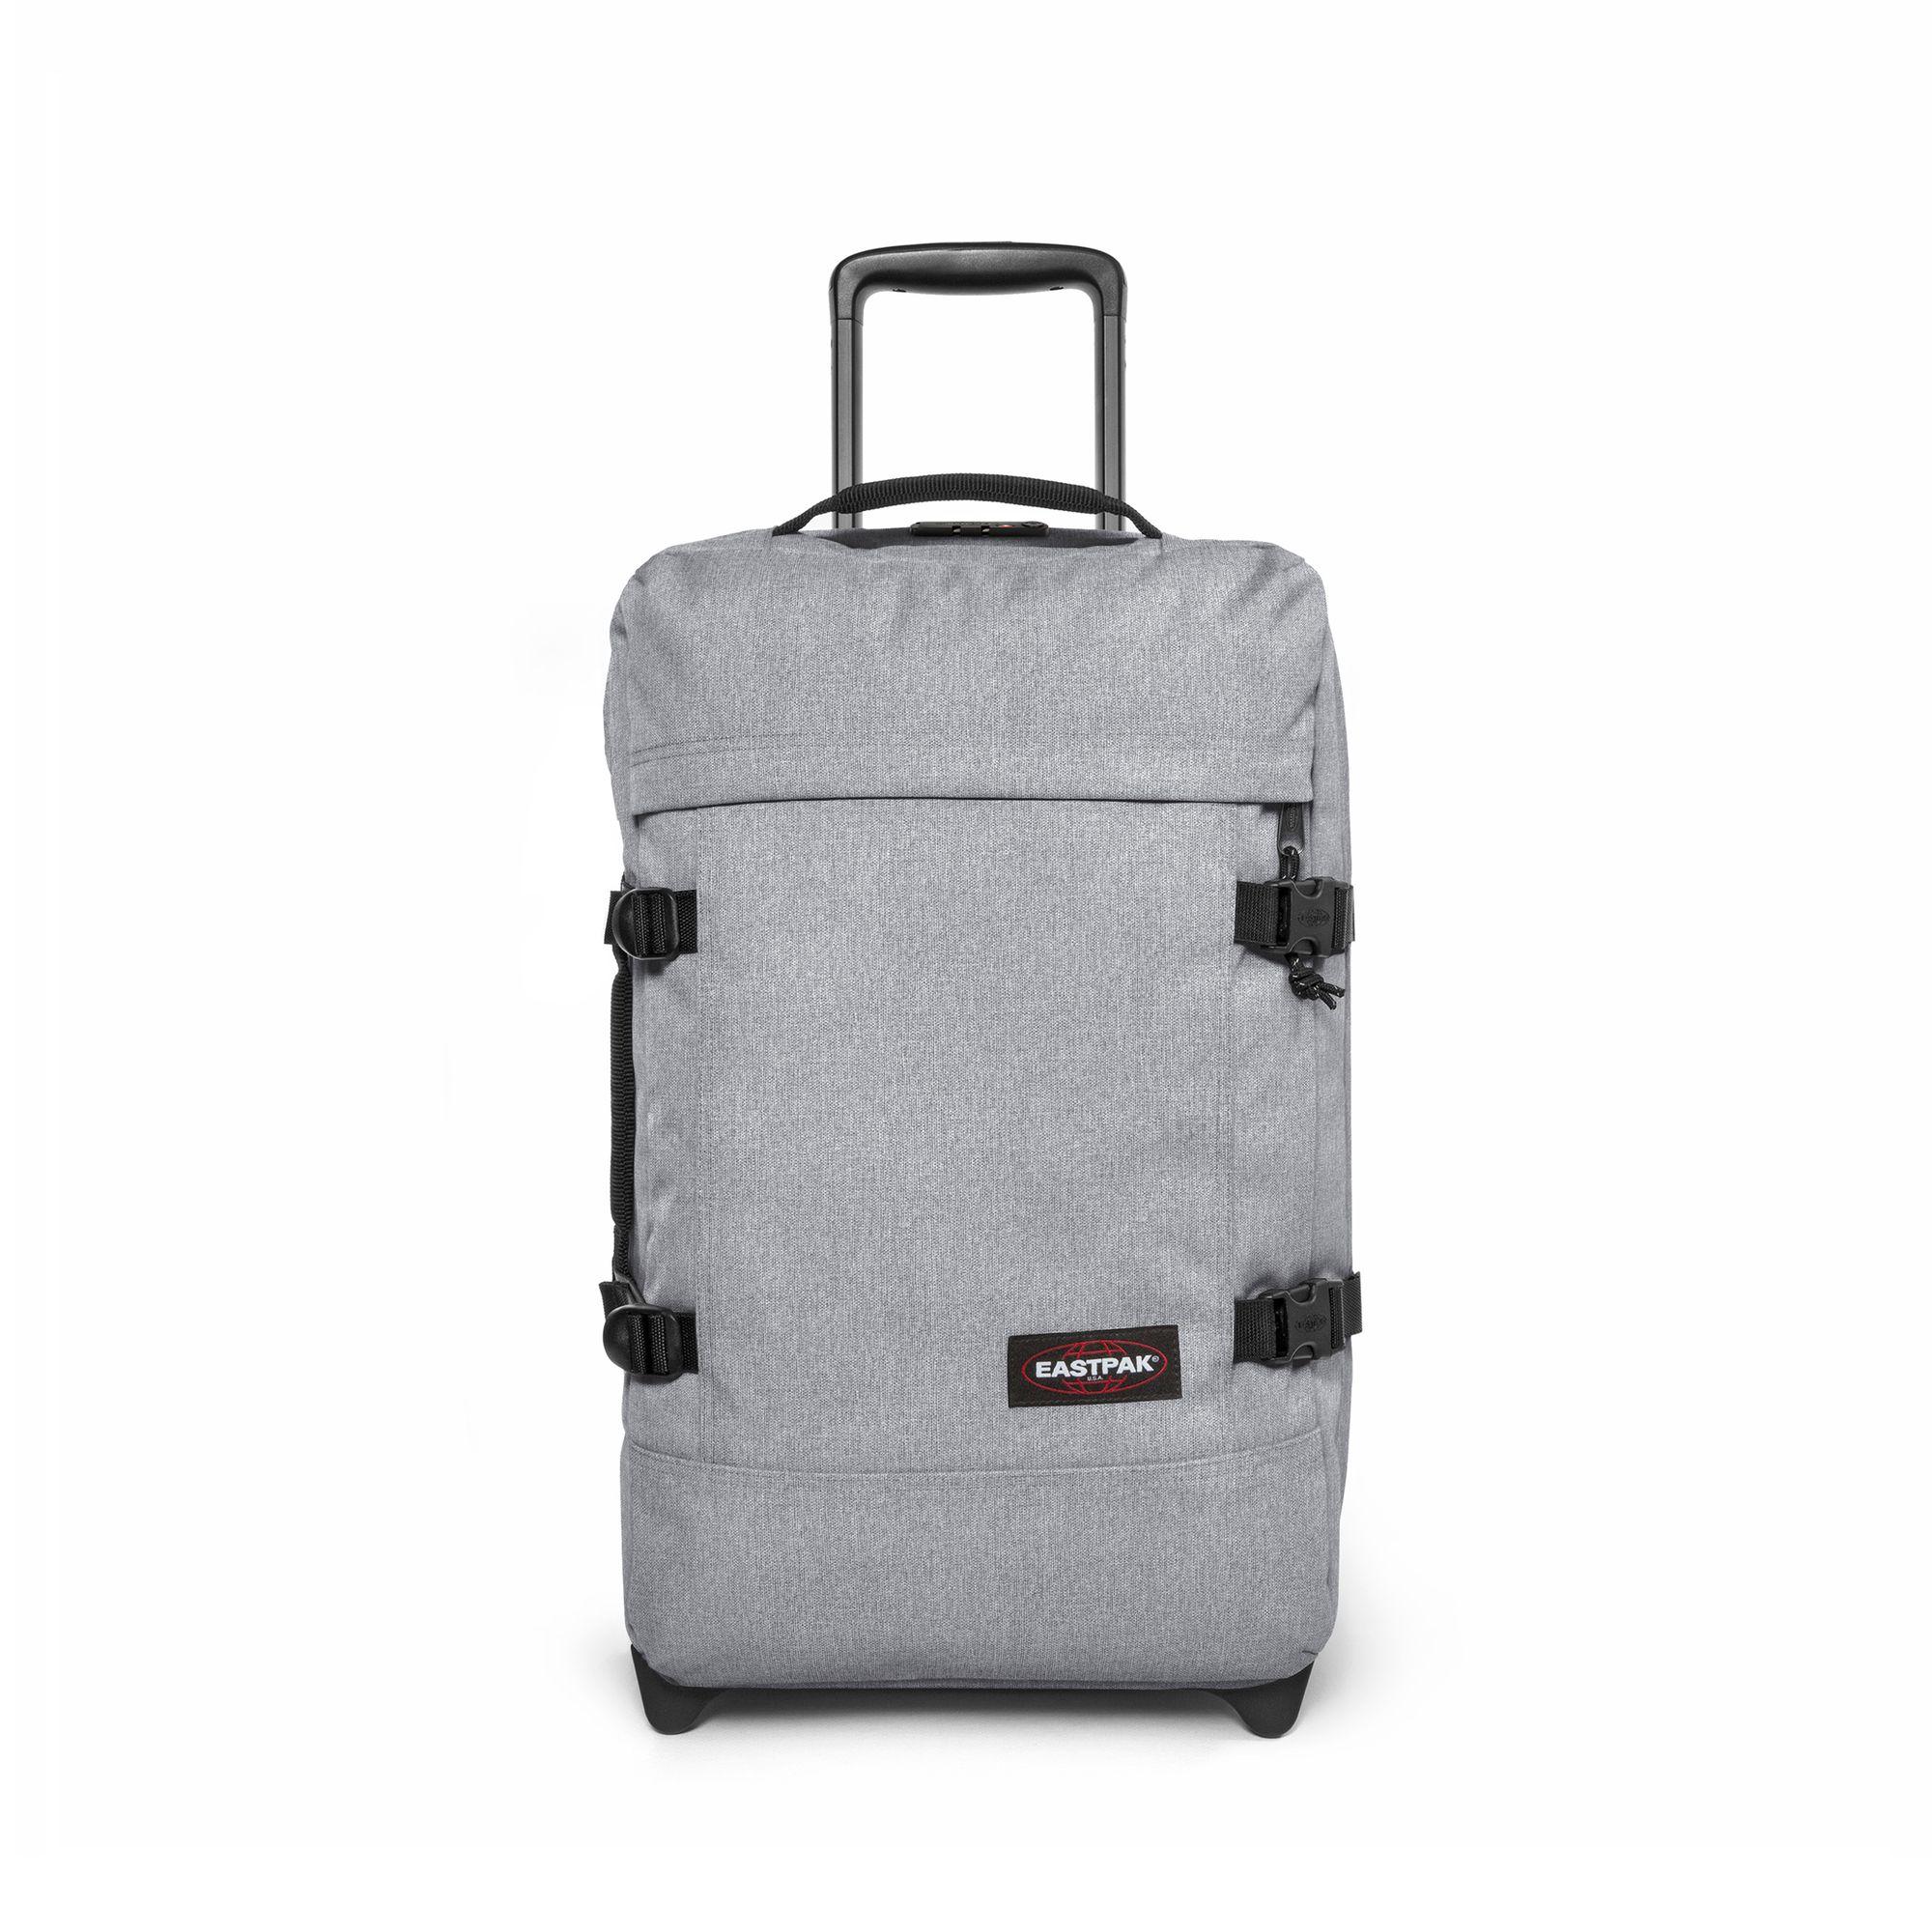 Eastpak Strapverz S ryggsäck/duffelväska, 42 L, Ljusgrå